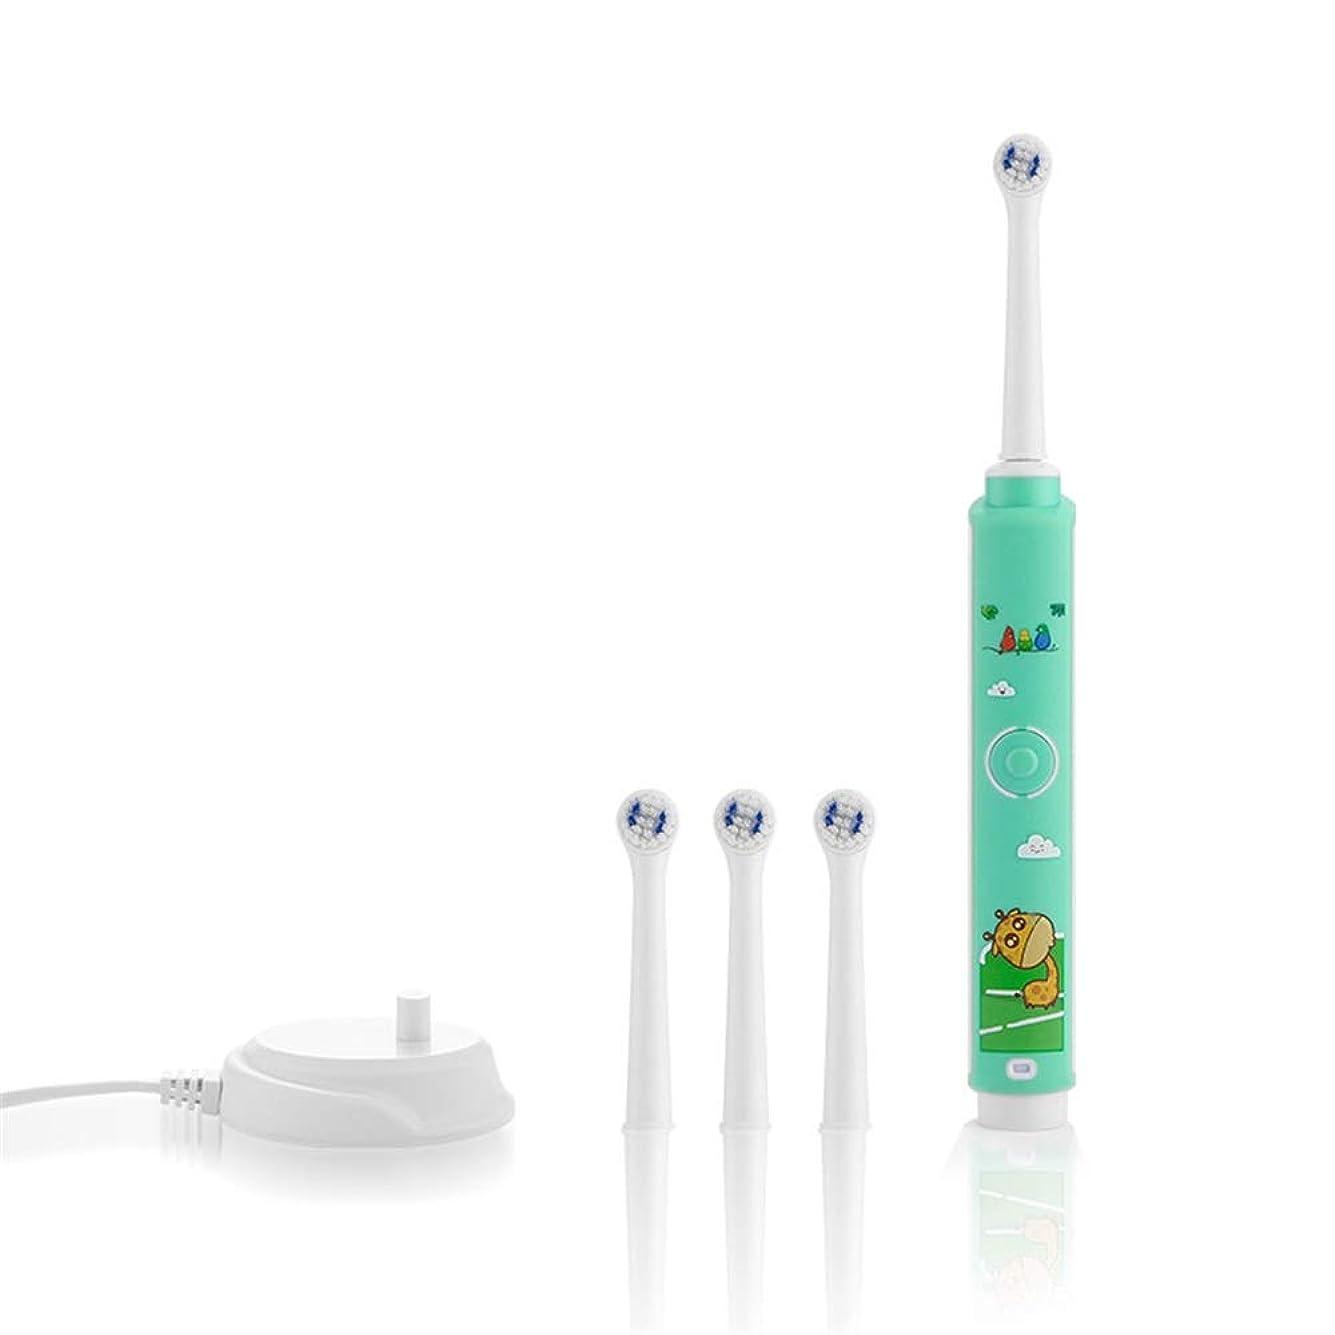 求人コーナールーチンUSBの充満基盤の柔らかい毛のきれいな歯ブラシと防水子供の電動歯ブラシ (色 : 緑, サイズ : Free size)